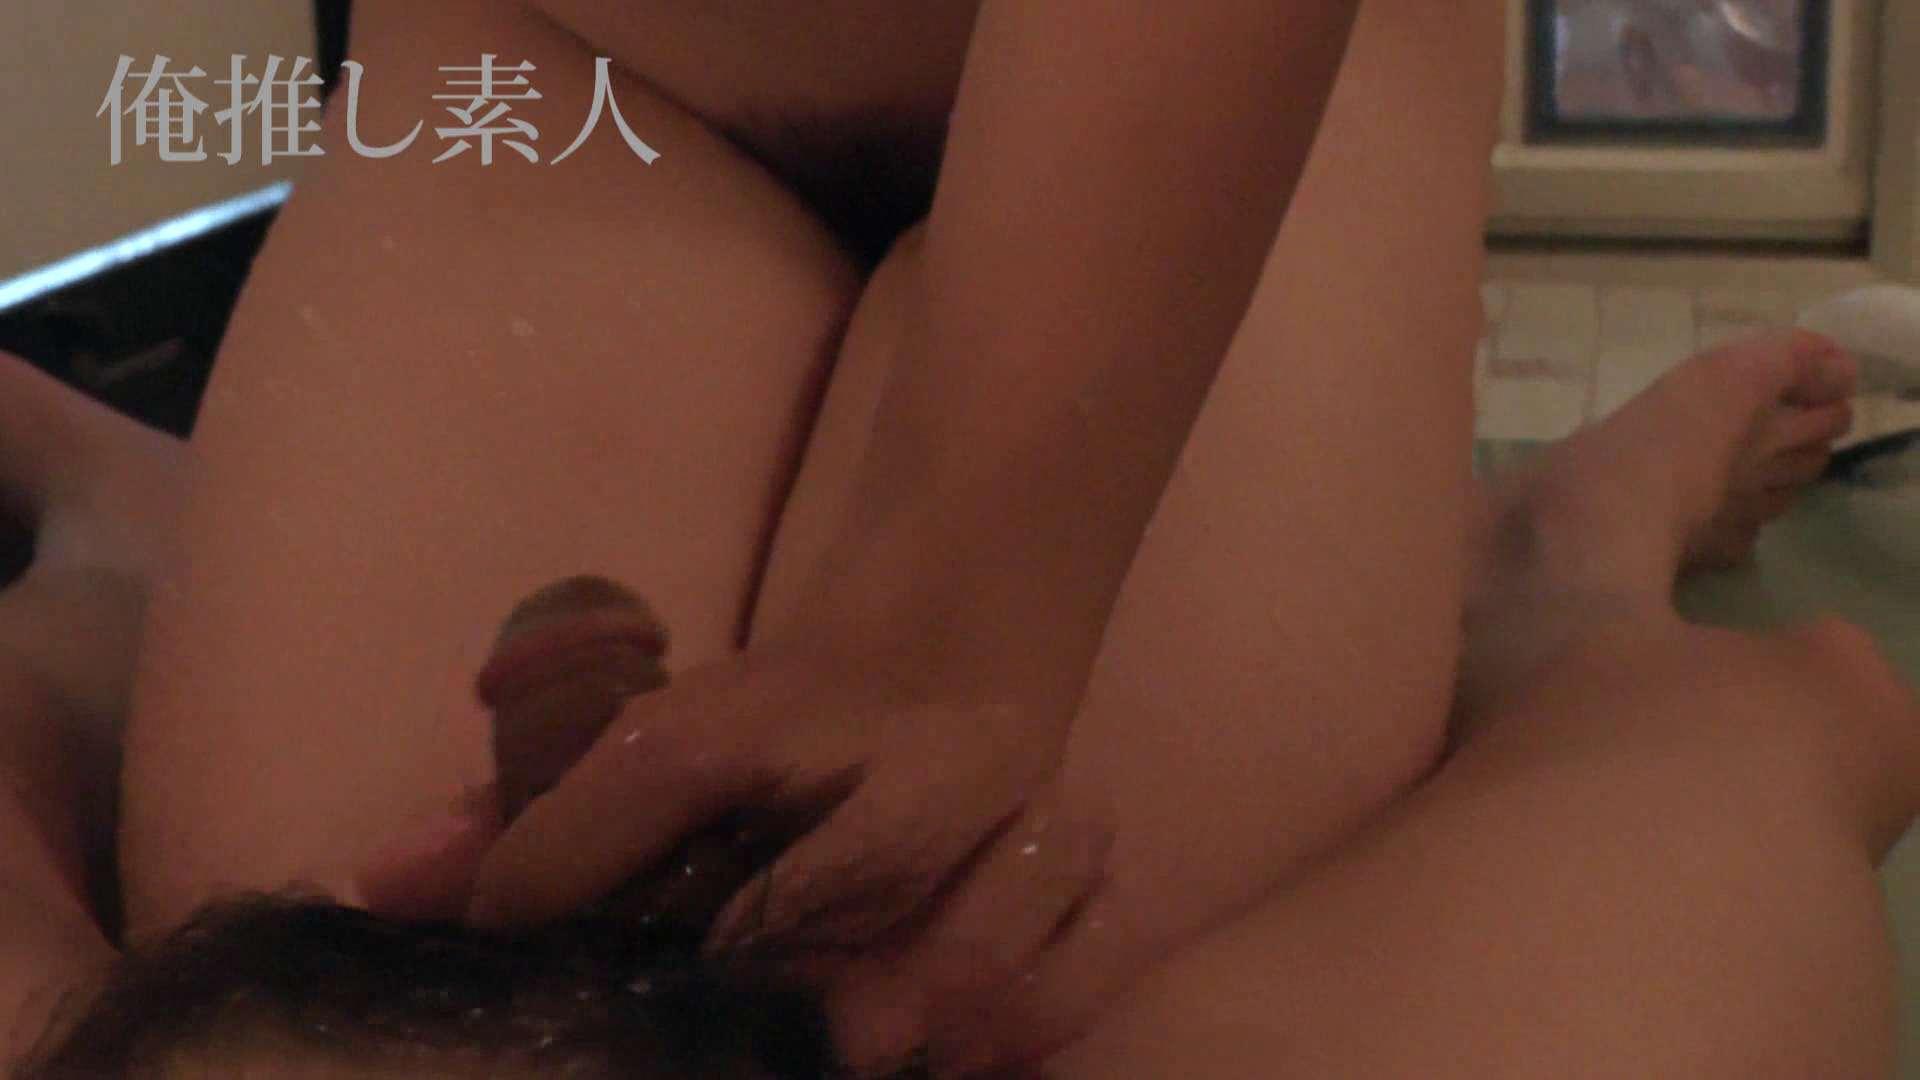 俺推し素人 30代人妻熟女キャバ嬢雫Vol.02 人妻のエロ生活 SEX無修正画像 69連発 28